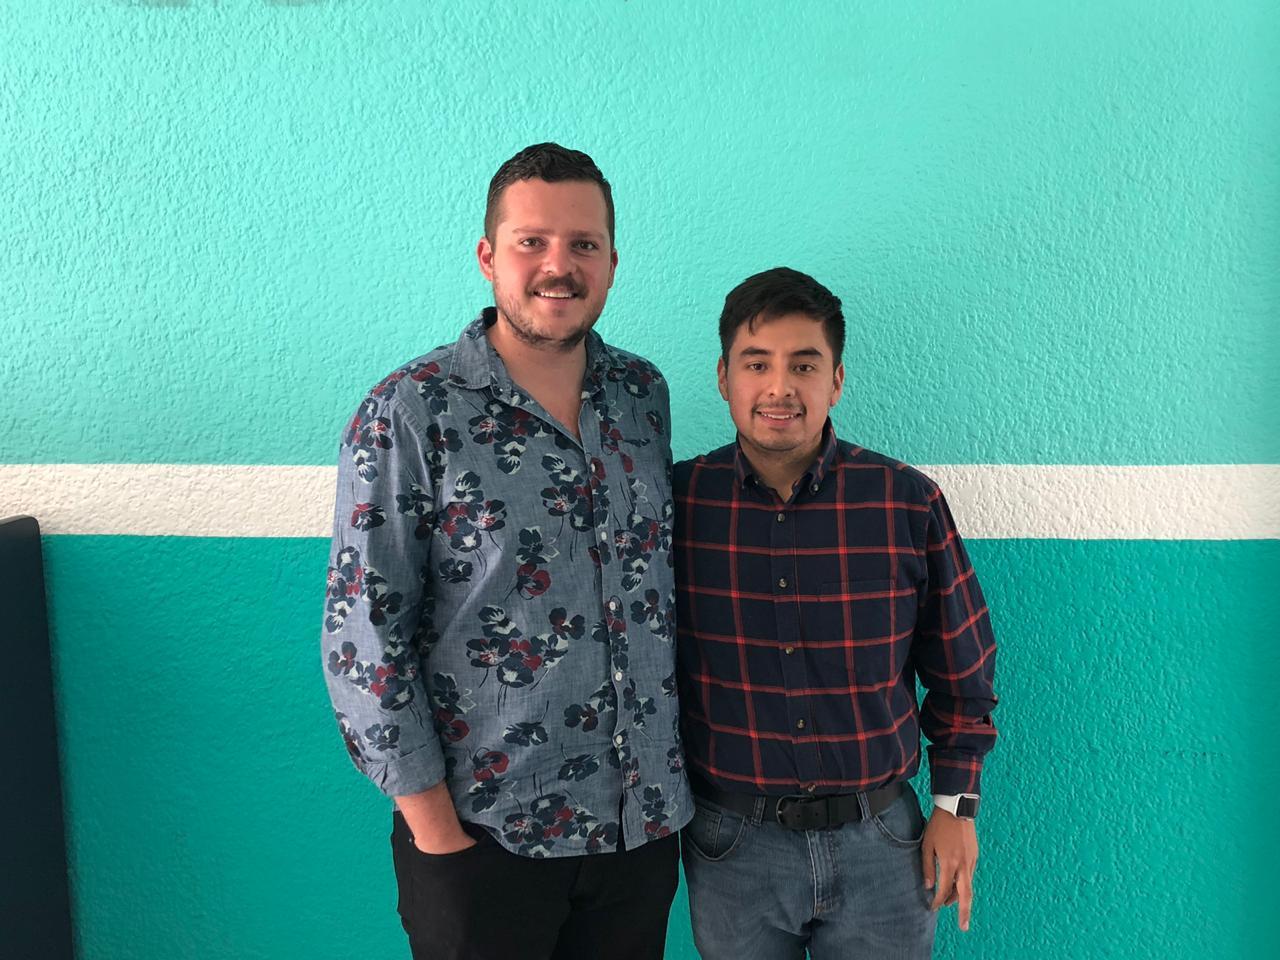 Guillermo Santiago, director del Instituto Mexicano de la Juventud se está tomando una fotografía con un representante Secretaría de Igualdad Sustantiva entre mujeres y hombres de Jalisco